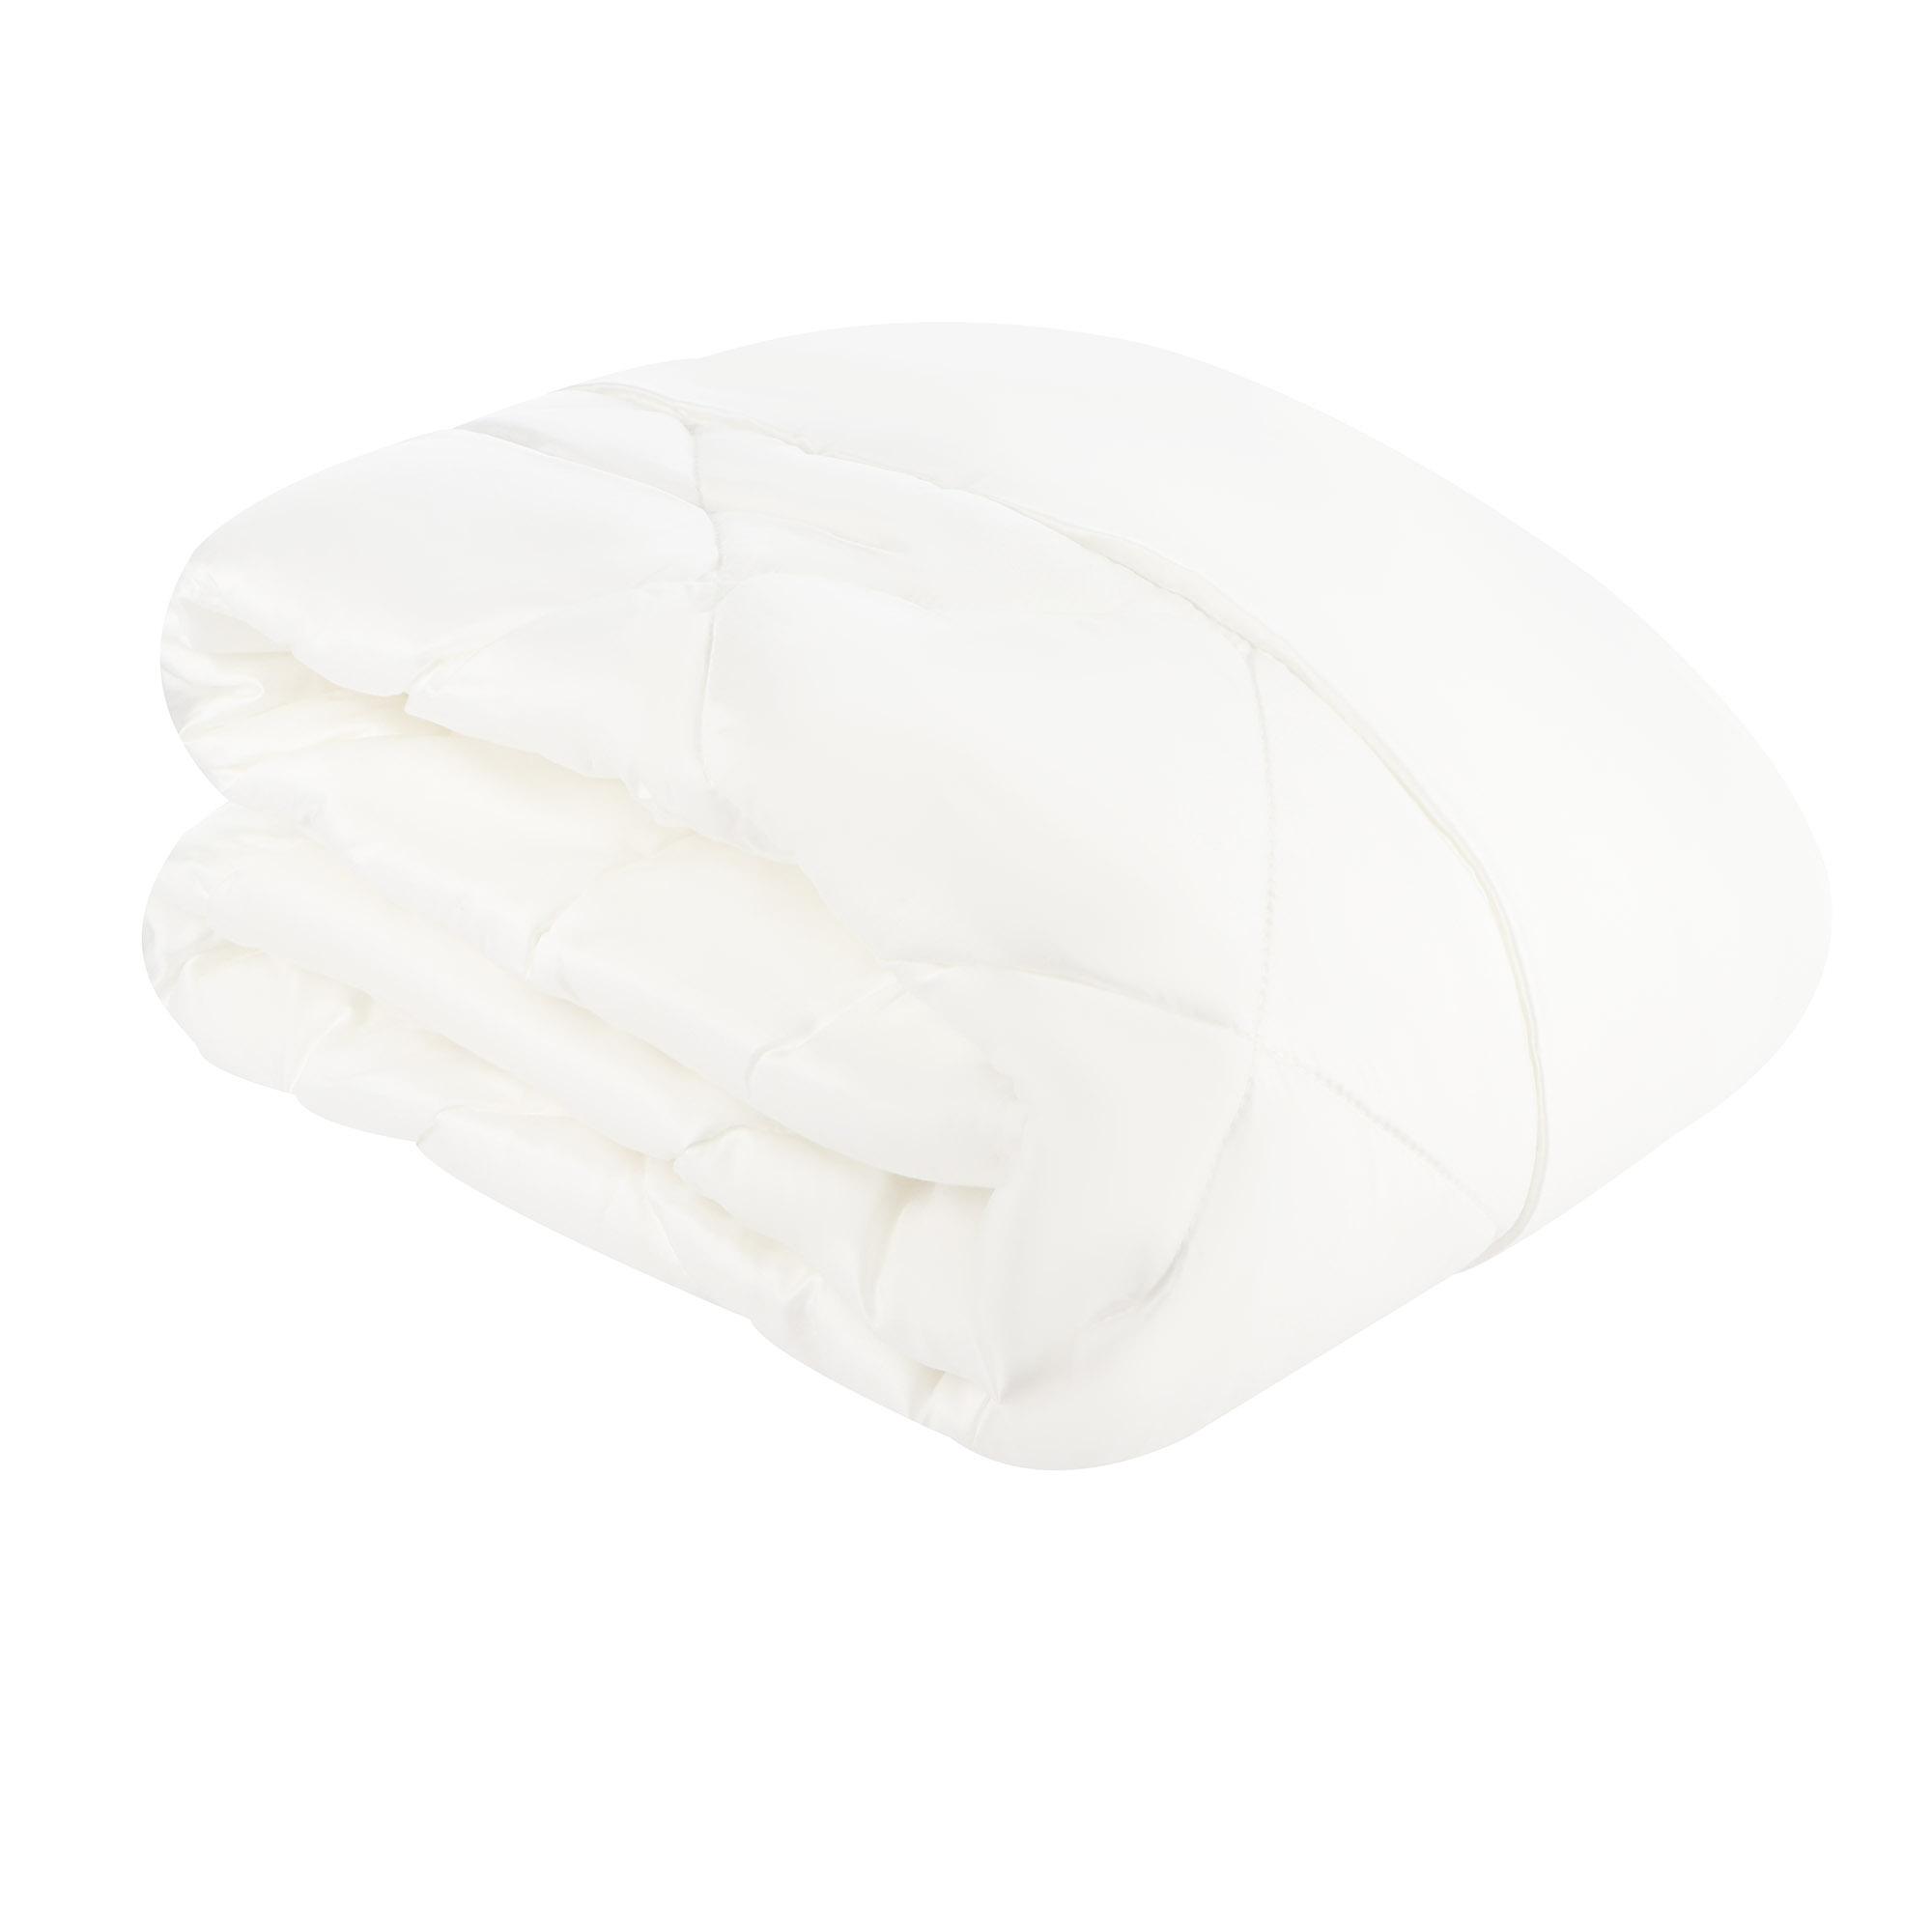 Одеяло Irisette tencel 200x220 легкое